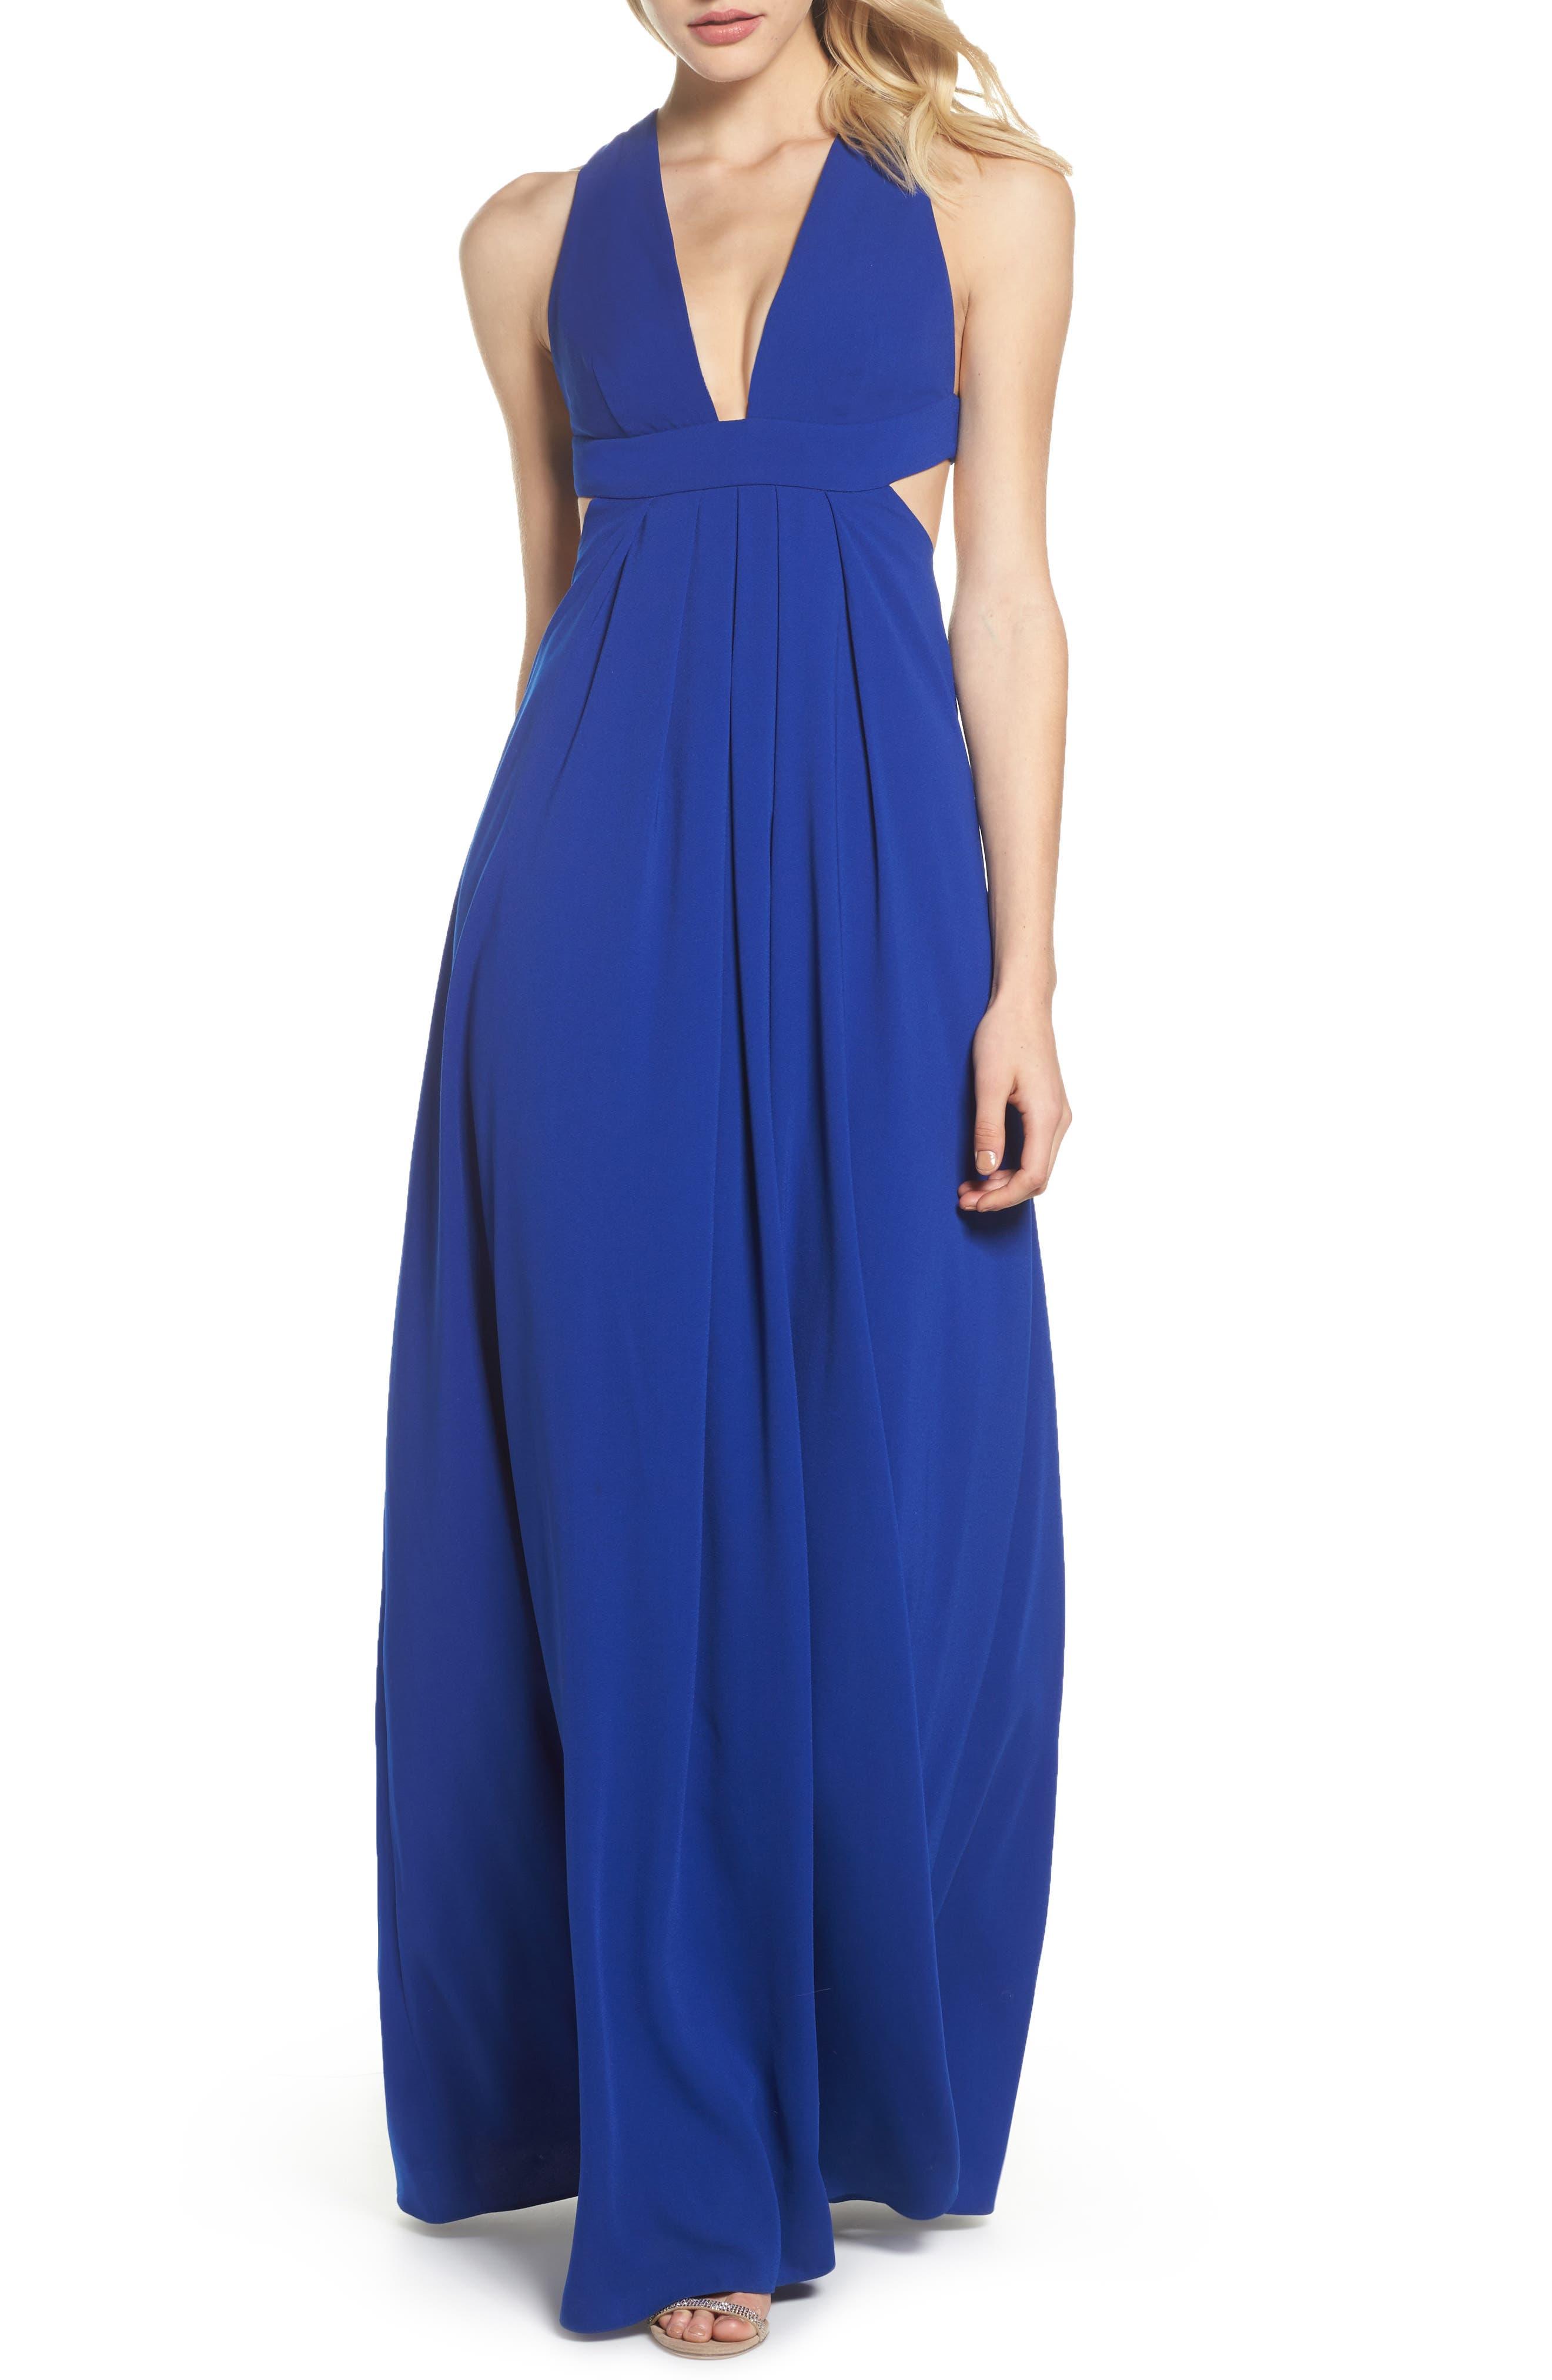 Alternate Image 1 Selected - Jill Jill Stuart Cutout Crepe Gown